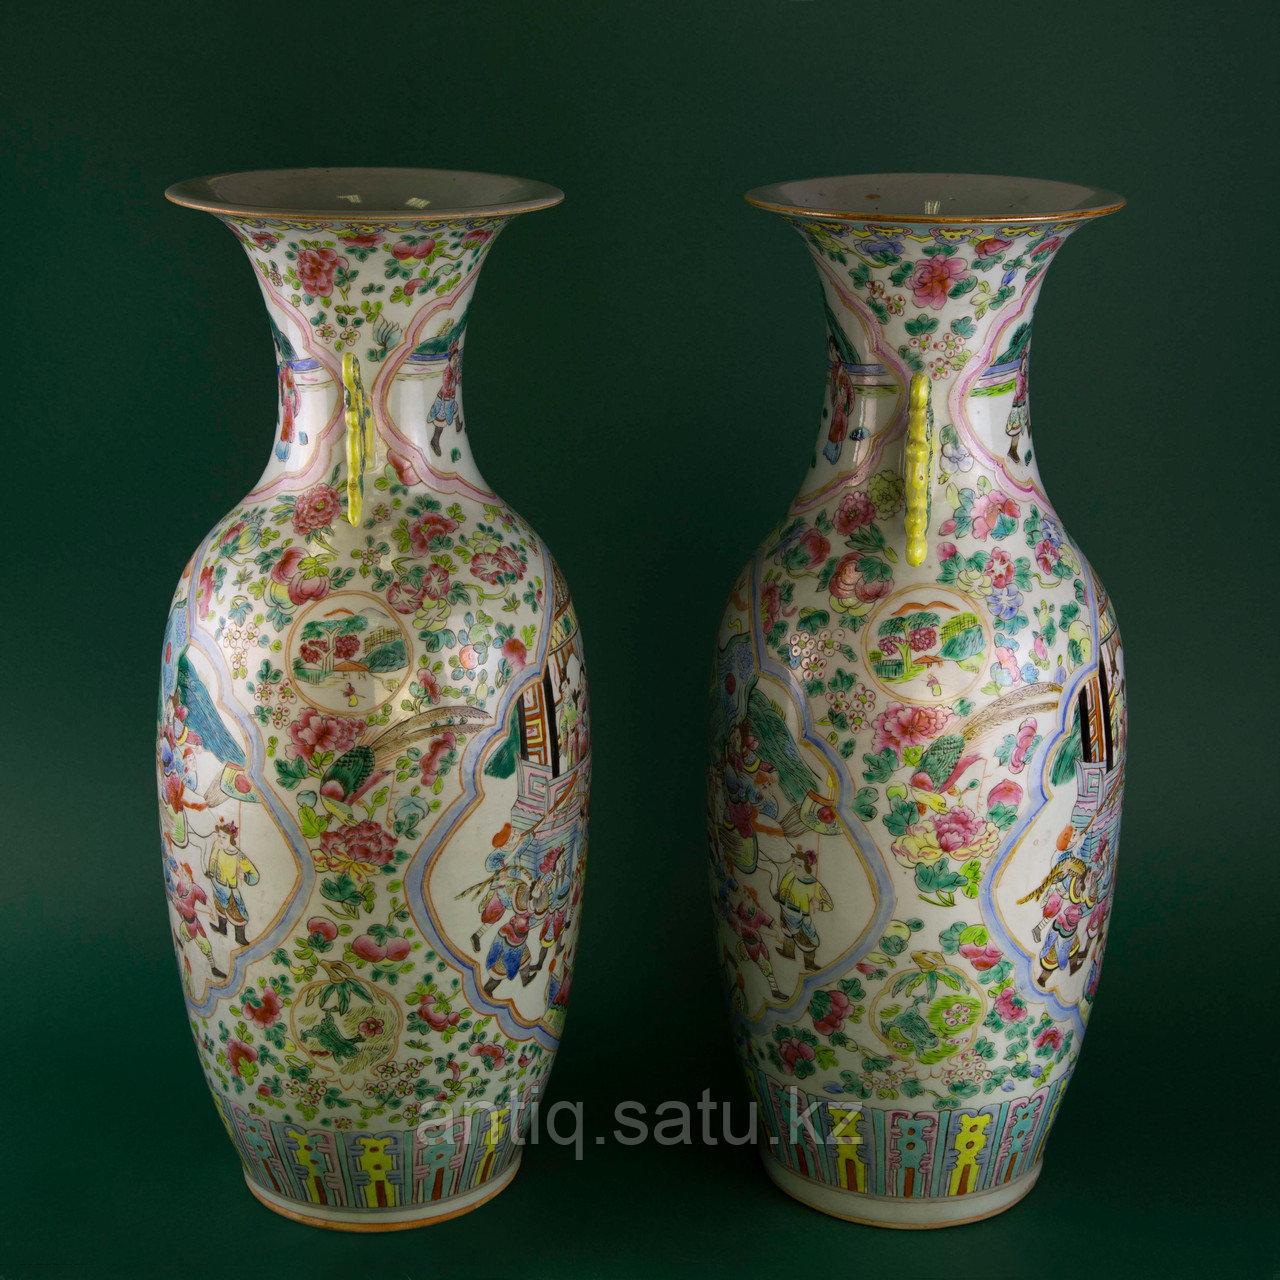 Парадные вазы. Китай. Начало ХХ века - фото 2